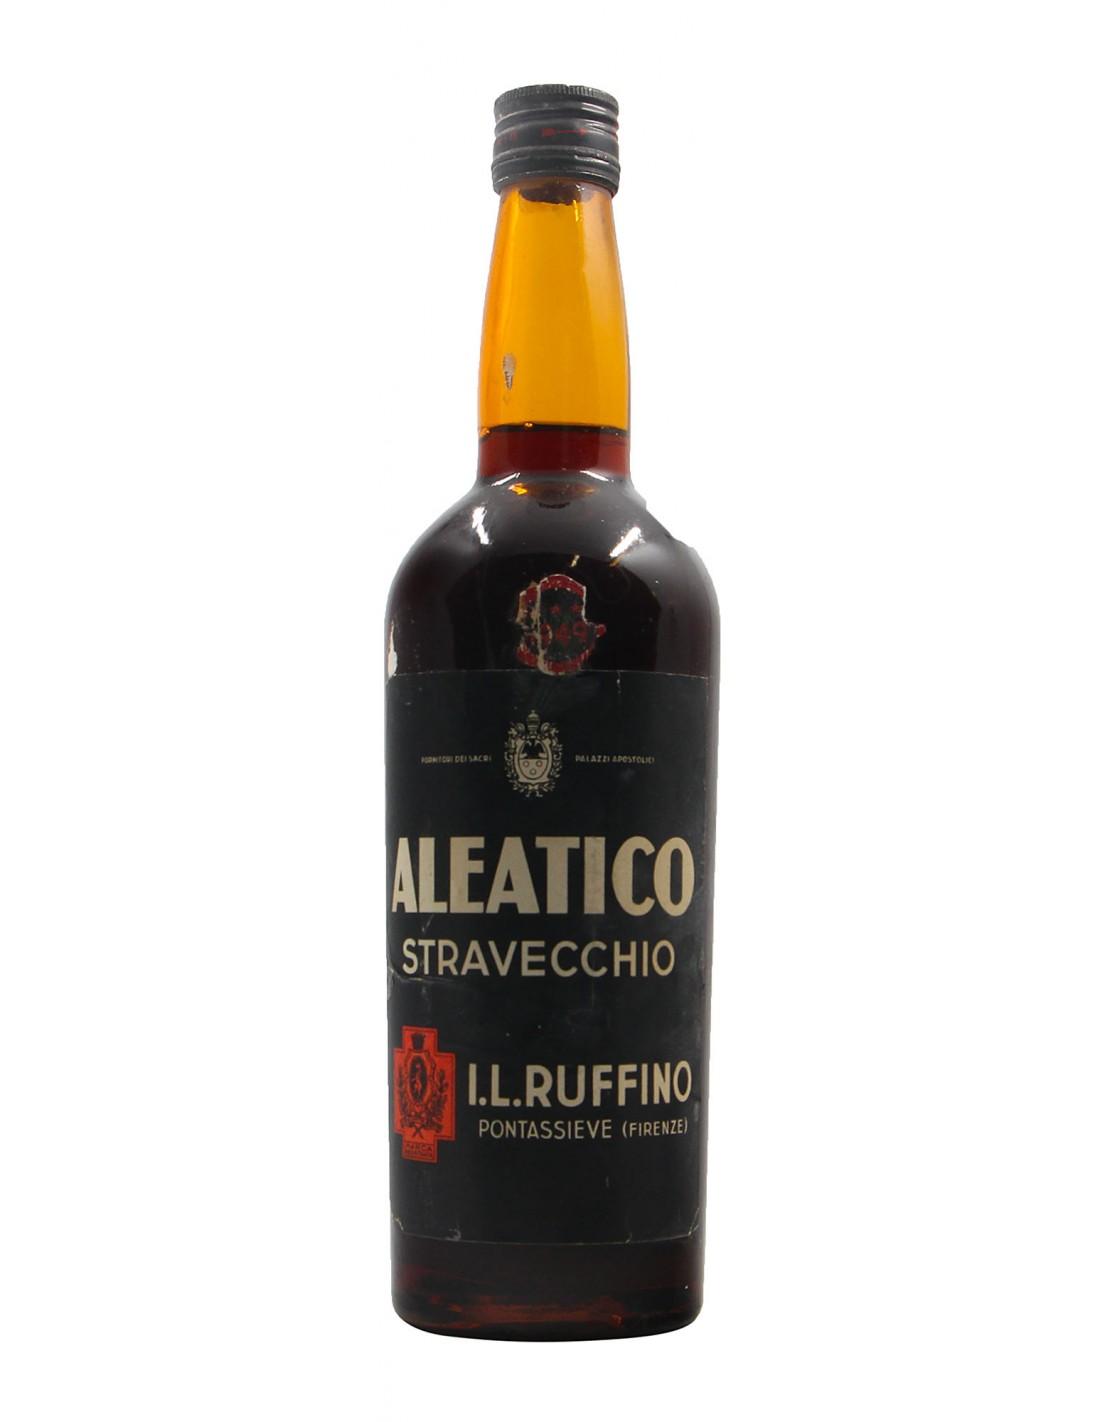 ALEATICO STRAVECCHIO 1949 RUFFINO Grandi Bottiglie